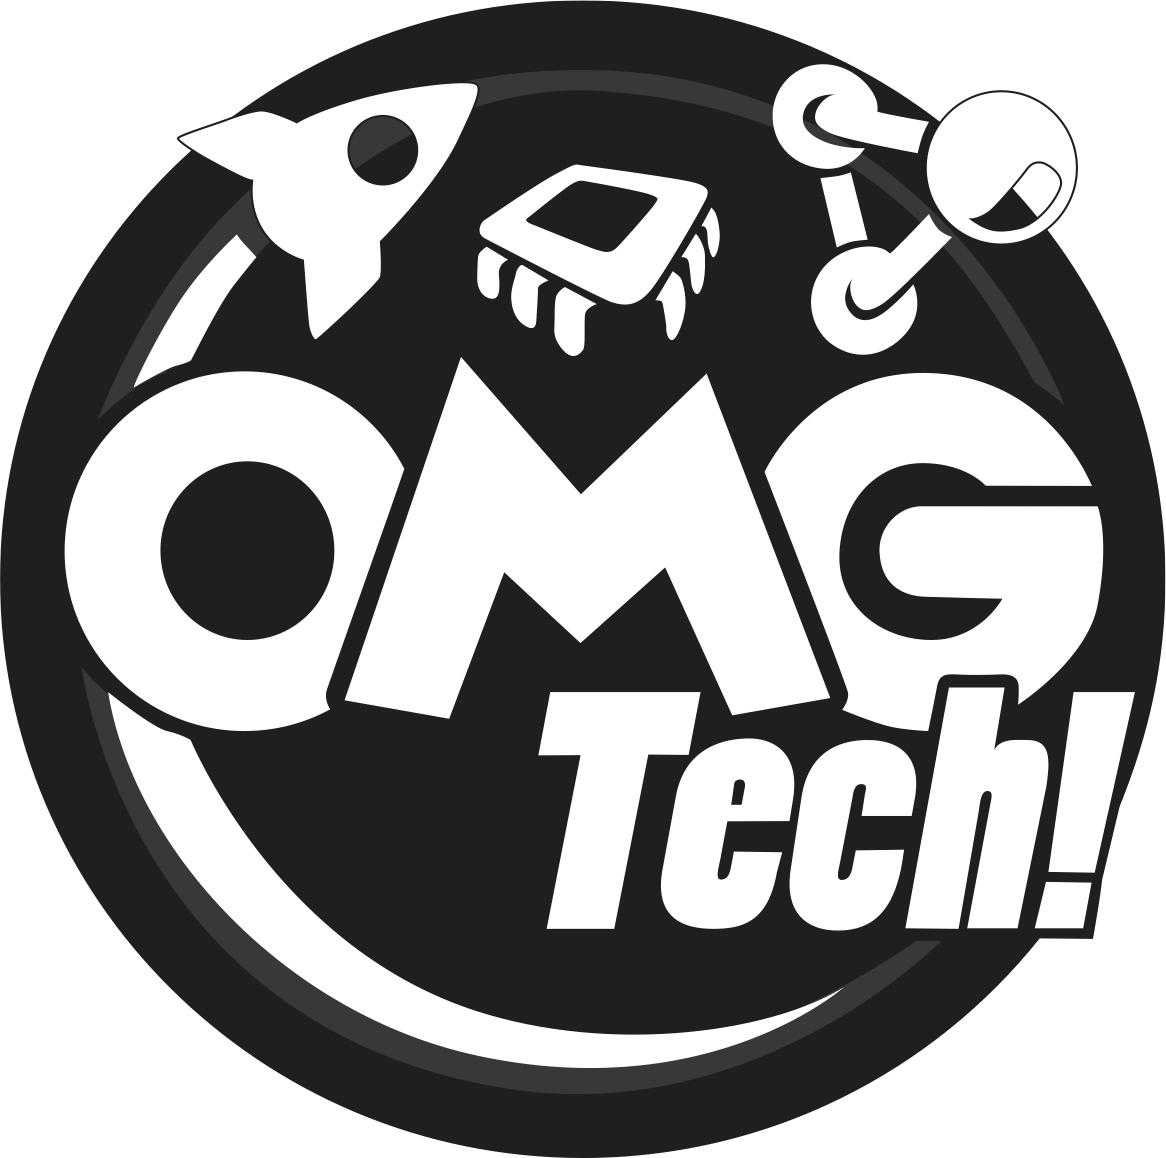 omg tech